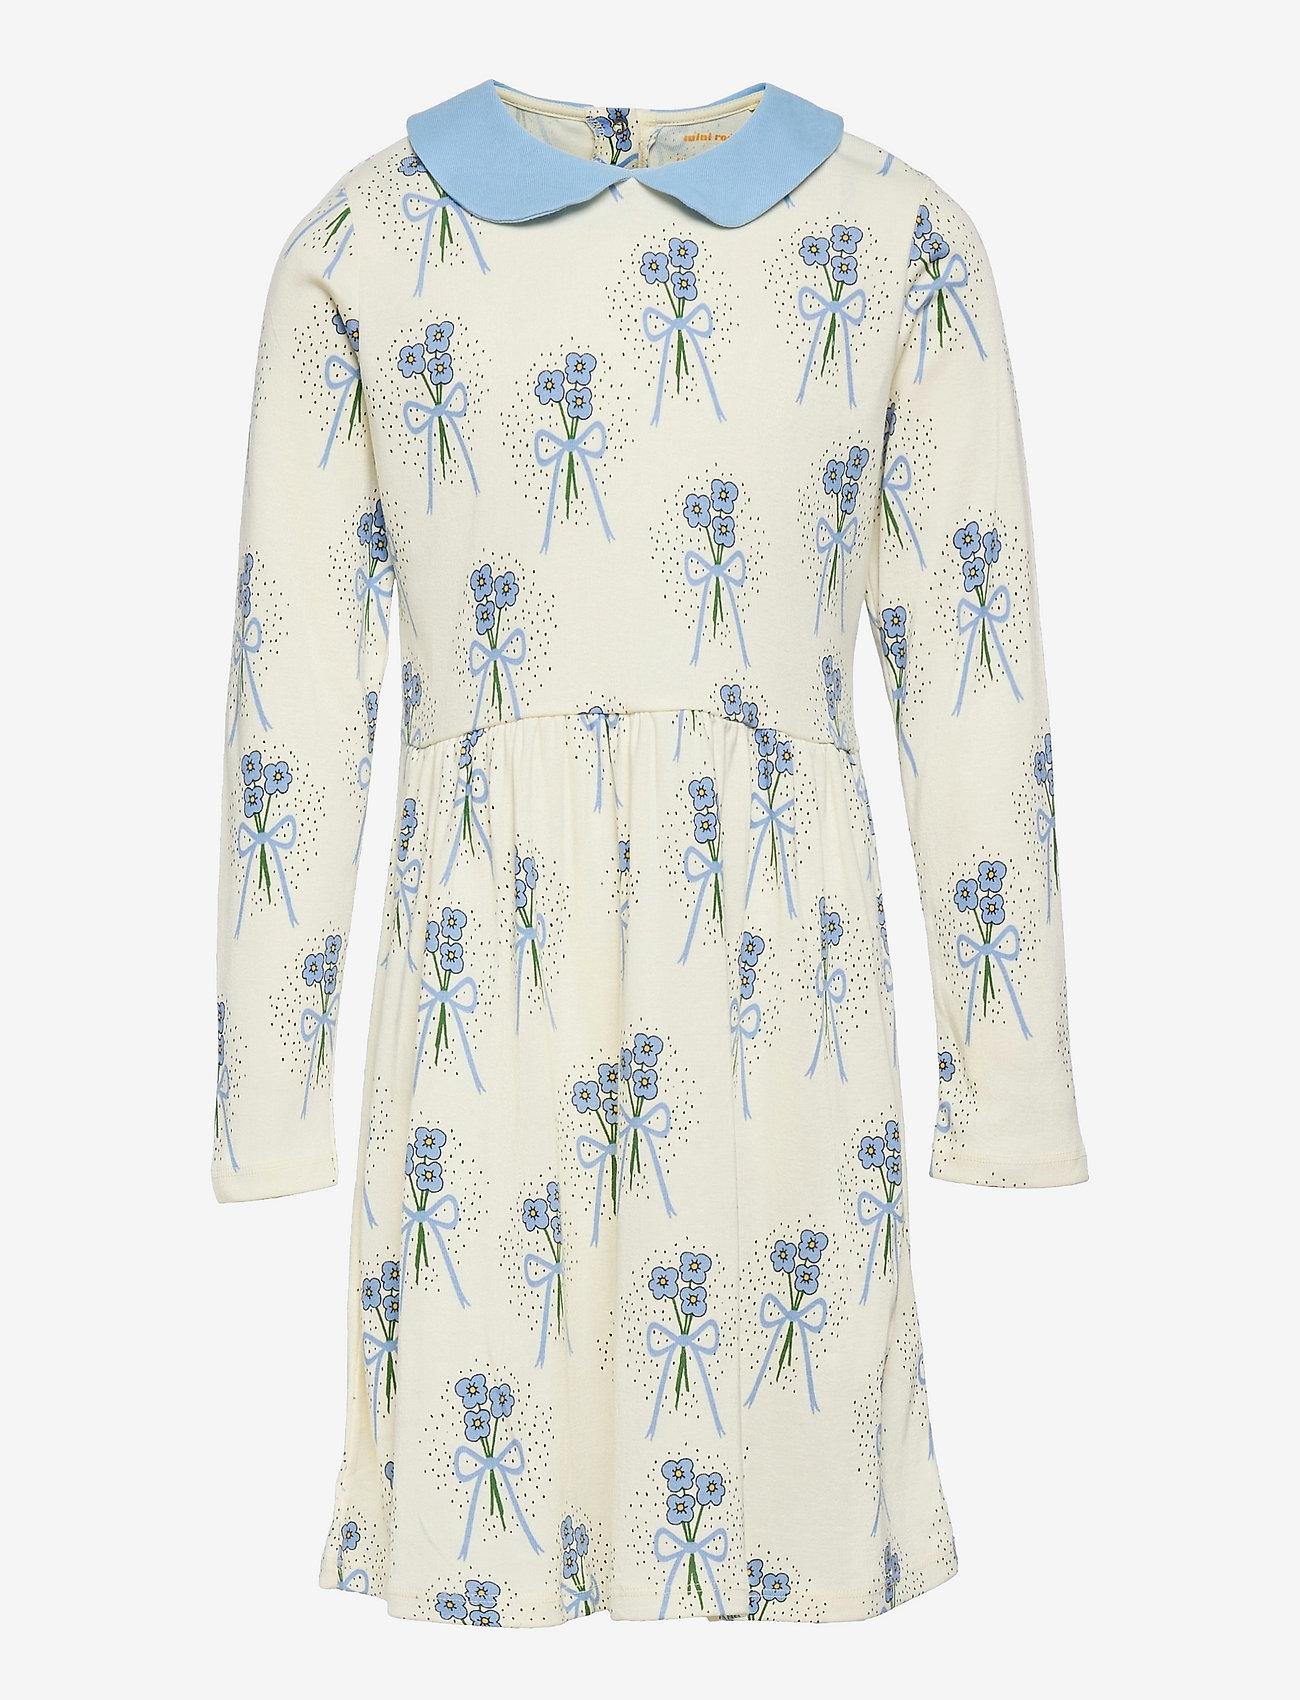 Mini Rodini - Winterflowers aop ls dress - kleider - blue - 0